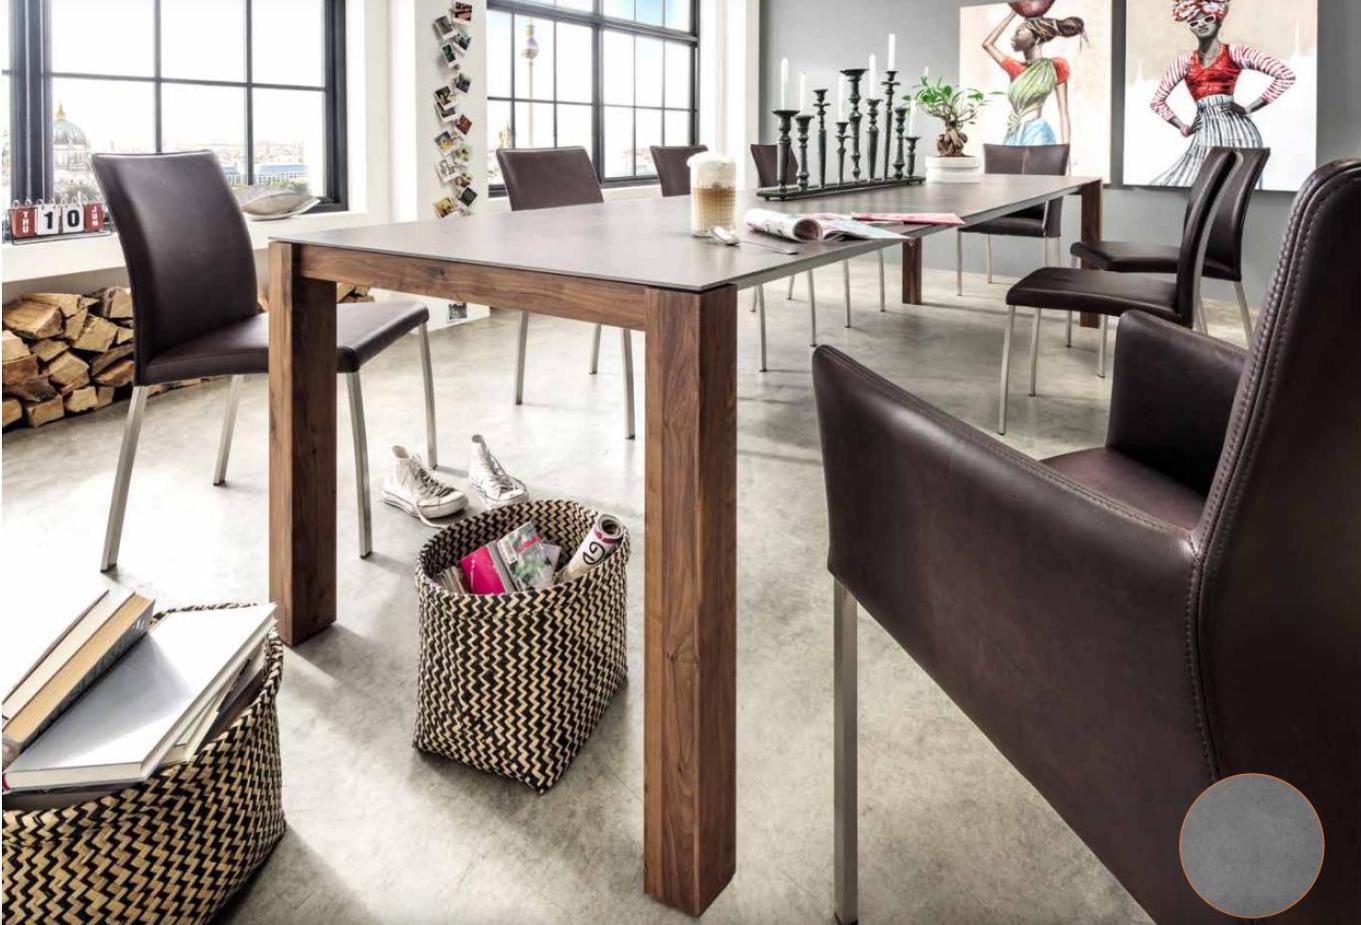 Ein Esszimmer mit braunen Stühlen und einem Holztisch